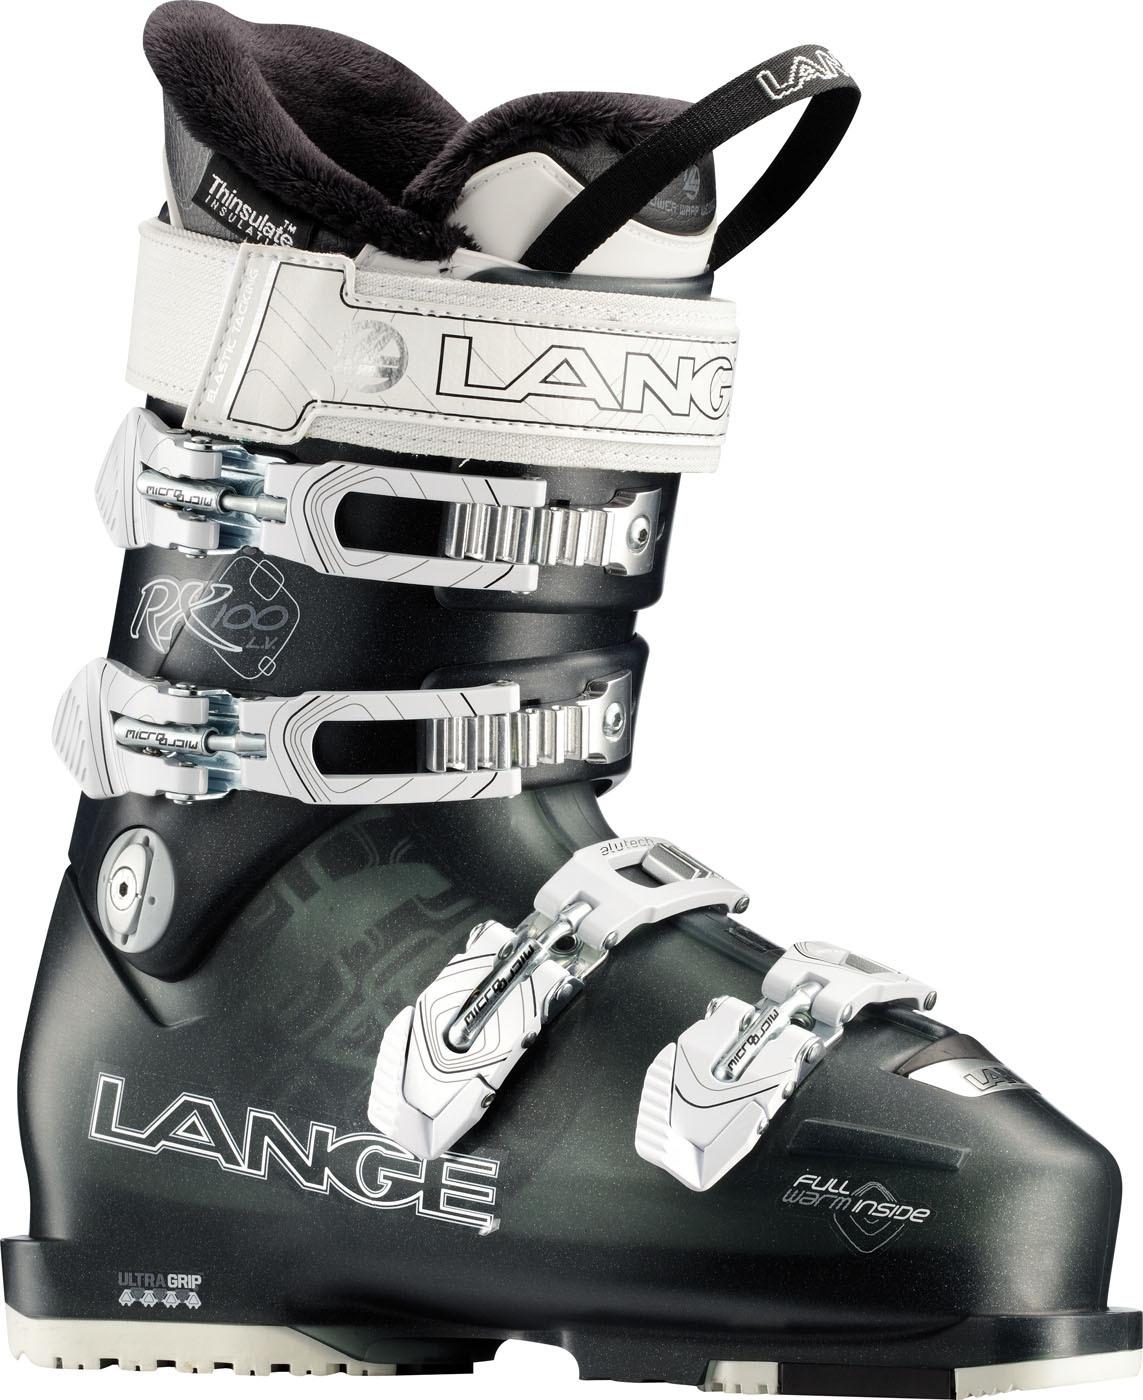 Sjezdové boty Lange rx 100, 2012